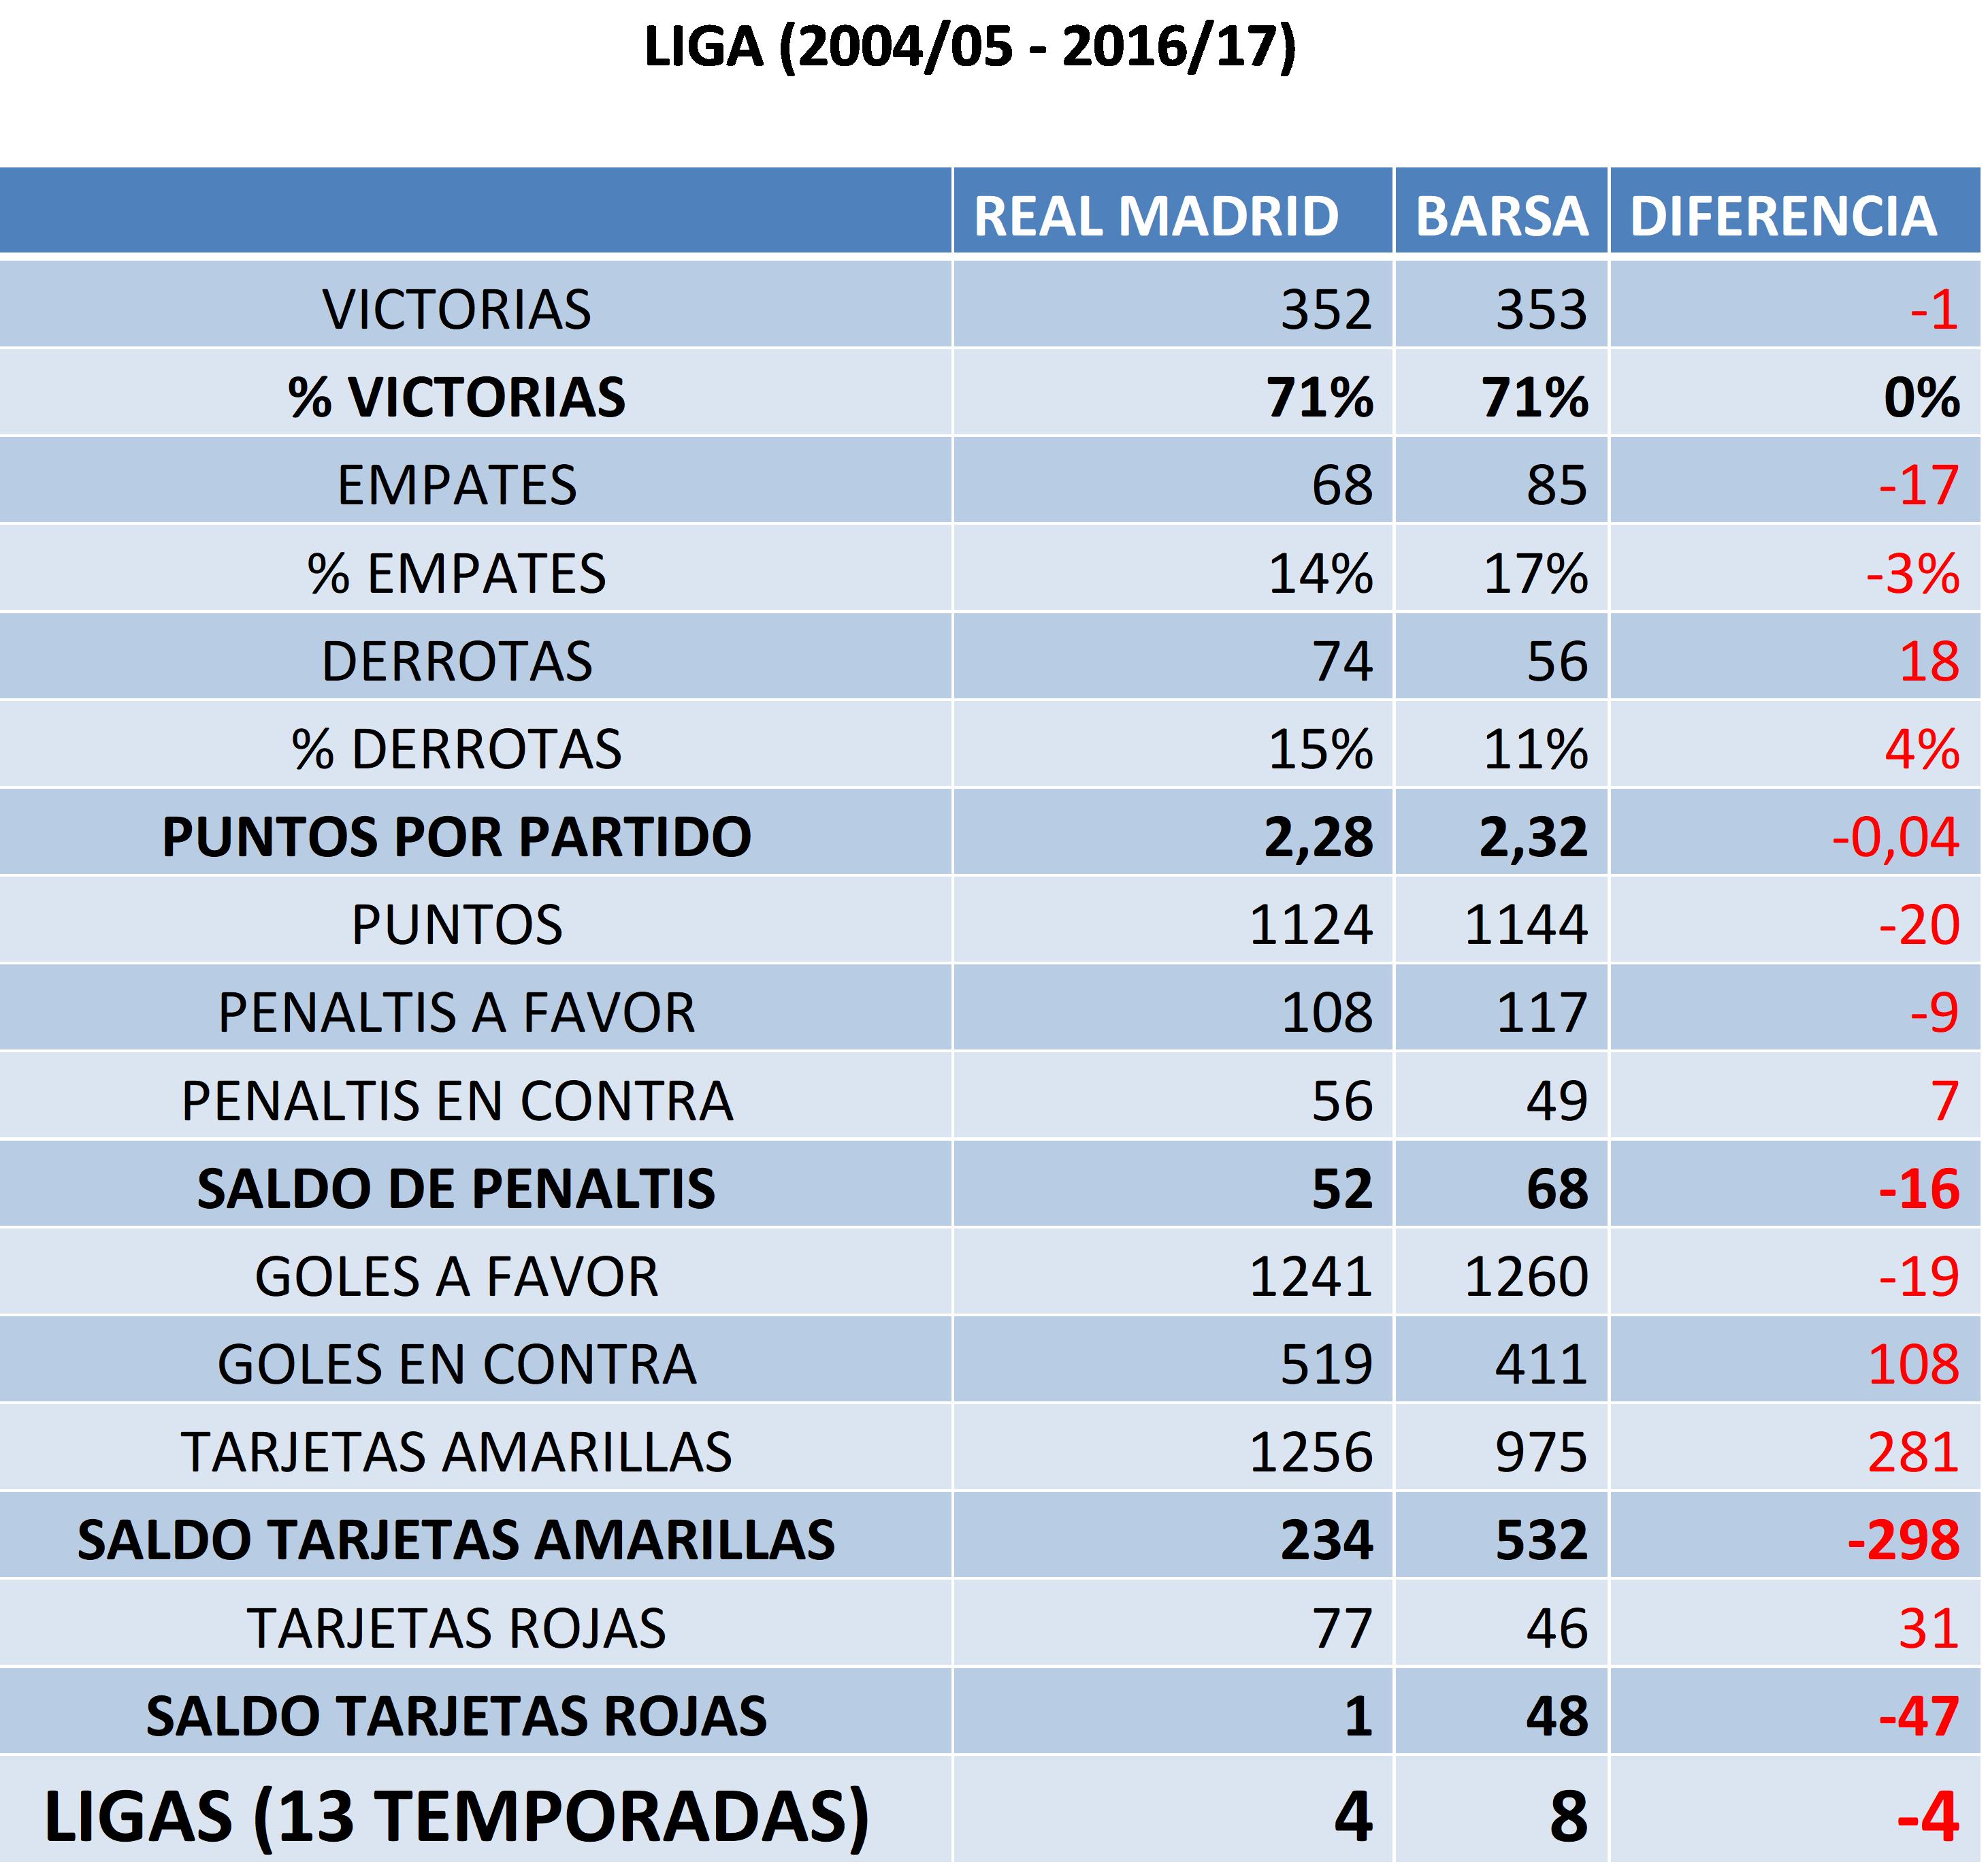 Comparativa General de victorias, empates, derrotas, goles, penaltis, amarillas y rojas, entre Real Madrid y Barcelona, desde 2004/05 a 2016/17